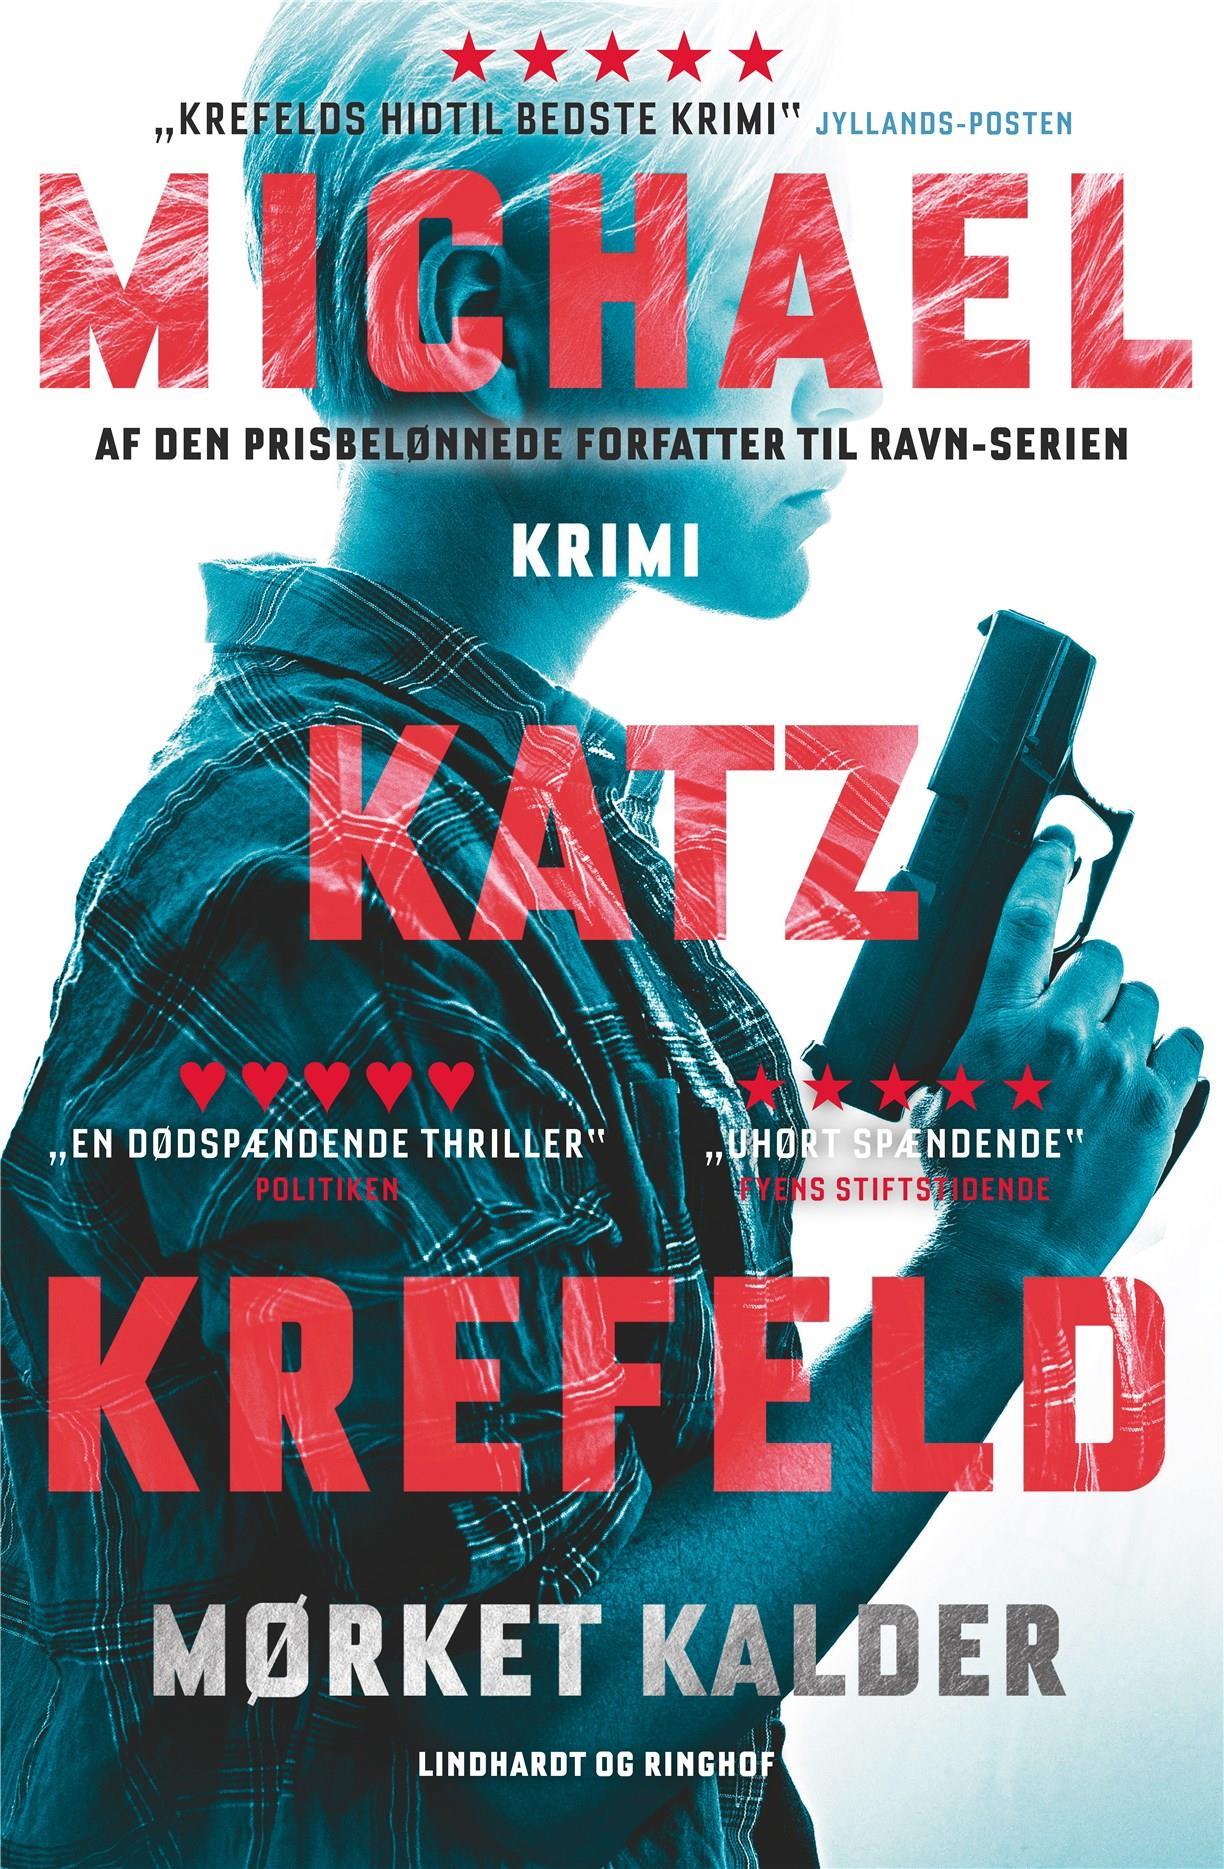 Mørket kalder - Michael Katz Krefeld - Bøger - Lindhardt og Ringhof - 9788711980415 - January 10, 2020